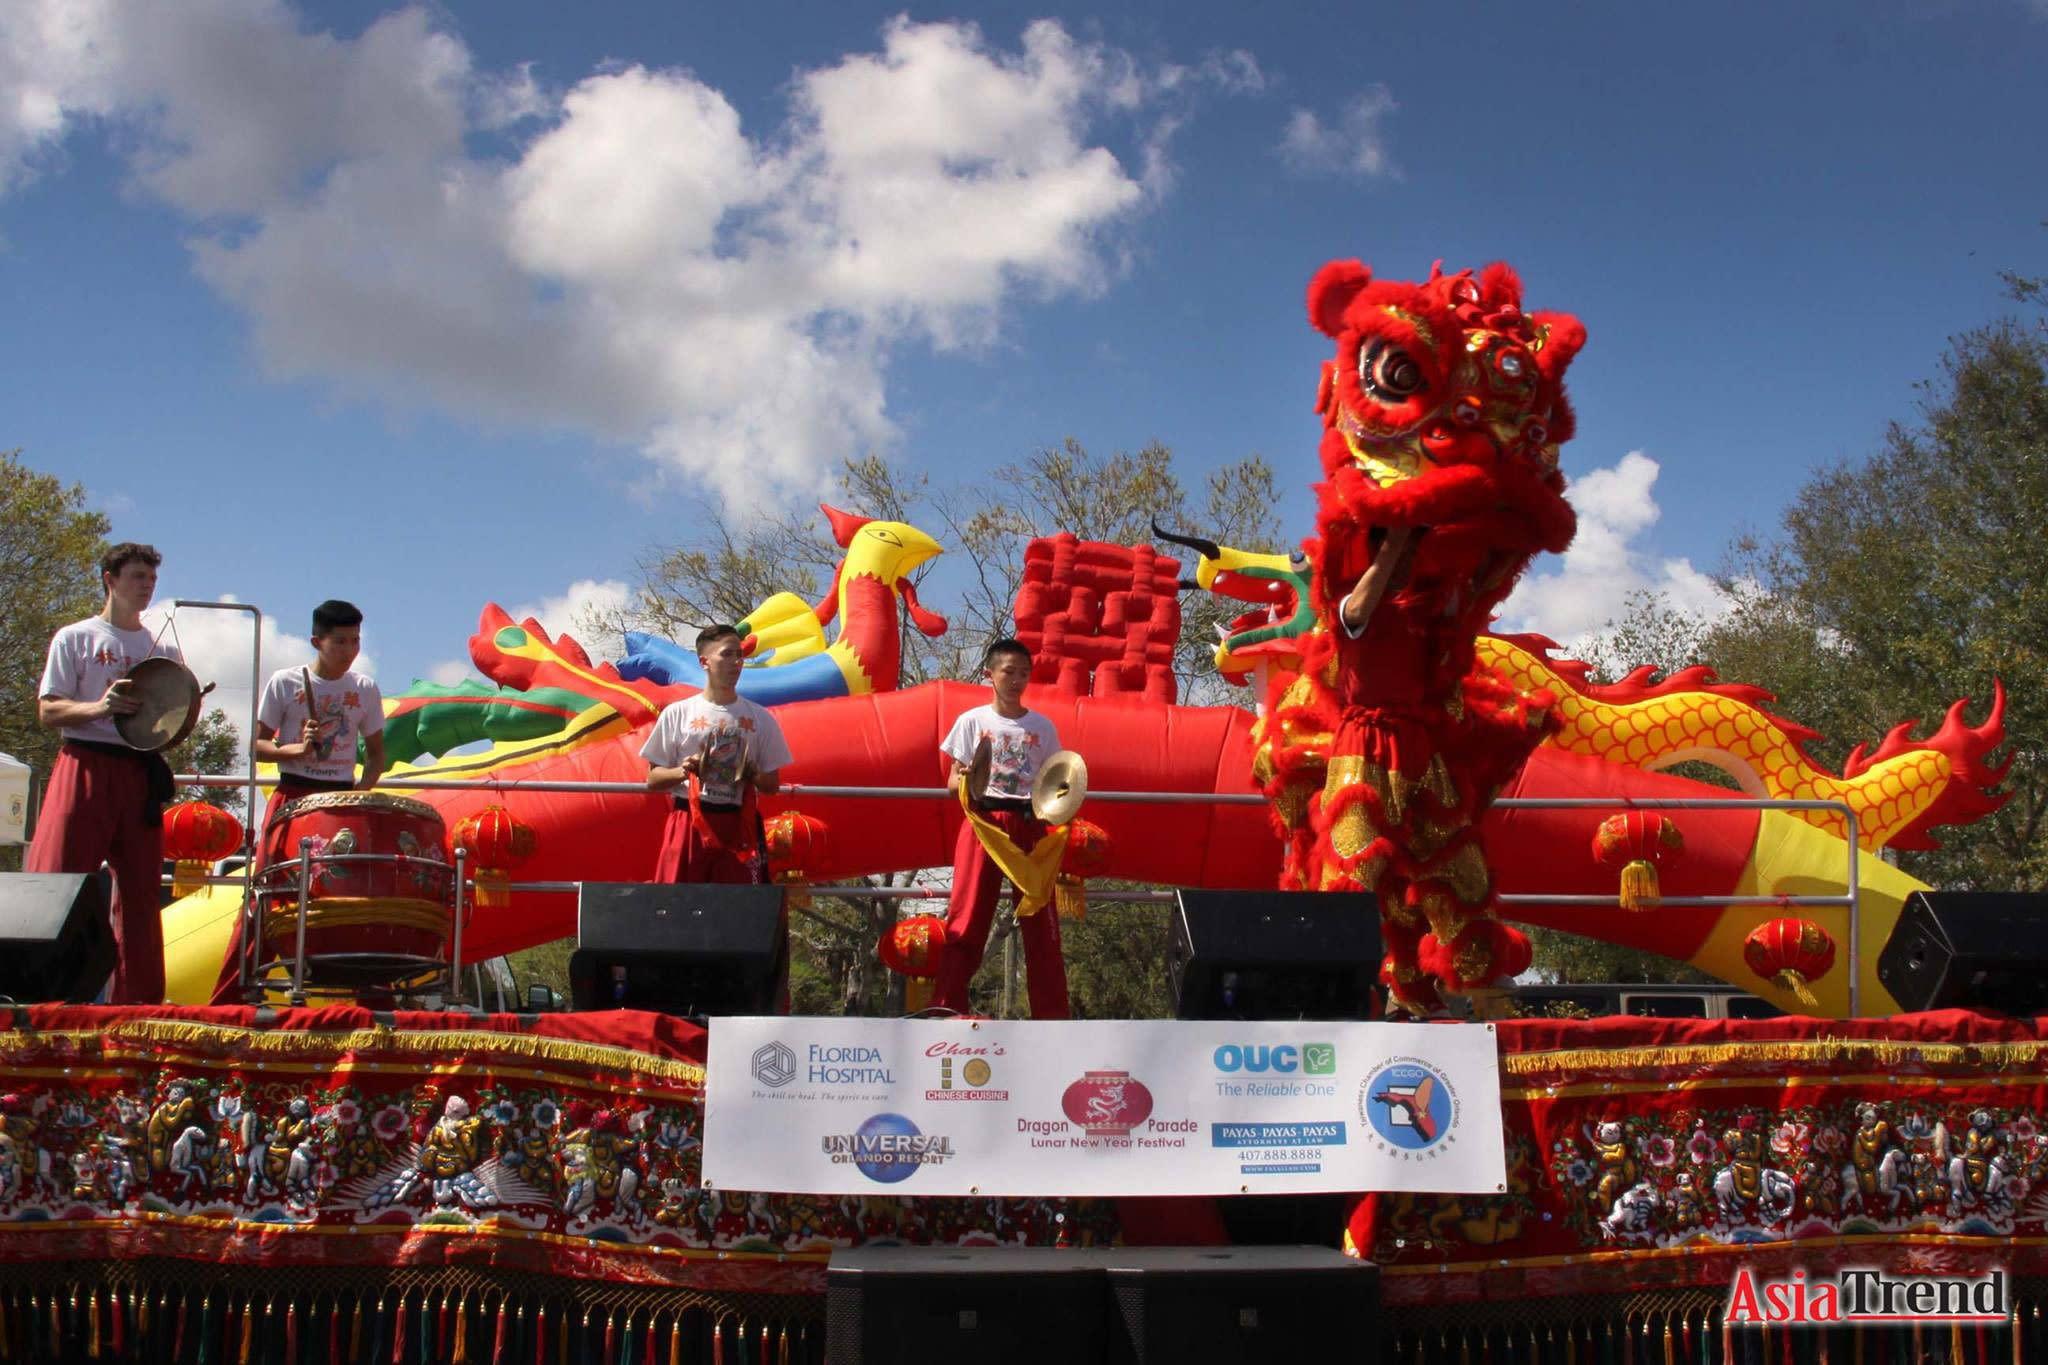 Central Florida Dragon Parade Lunar New Year Festival in Orlando